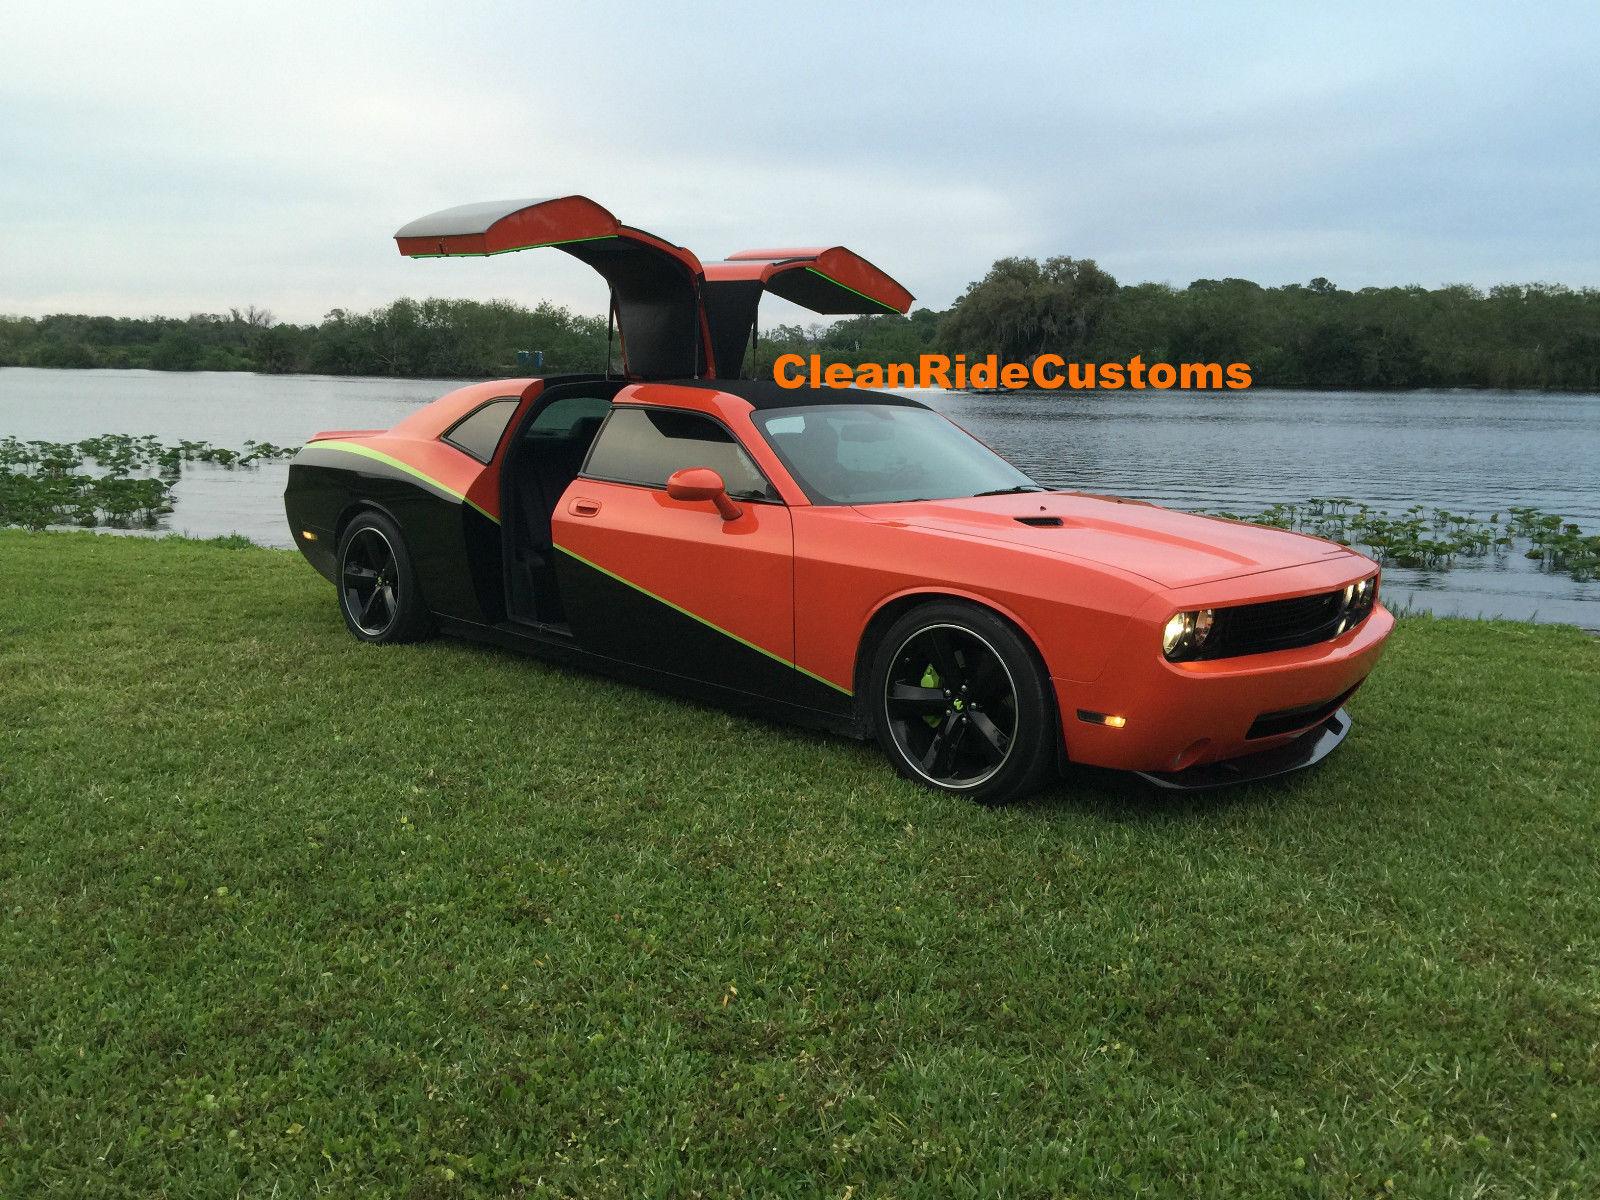 17 Charger Hellcat >> Four-Door Dodge Challenger SRT8 Has Rear Gullwing Doors ...